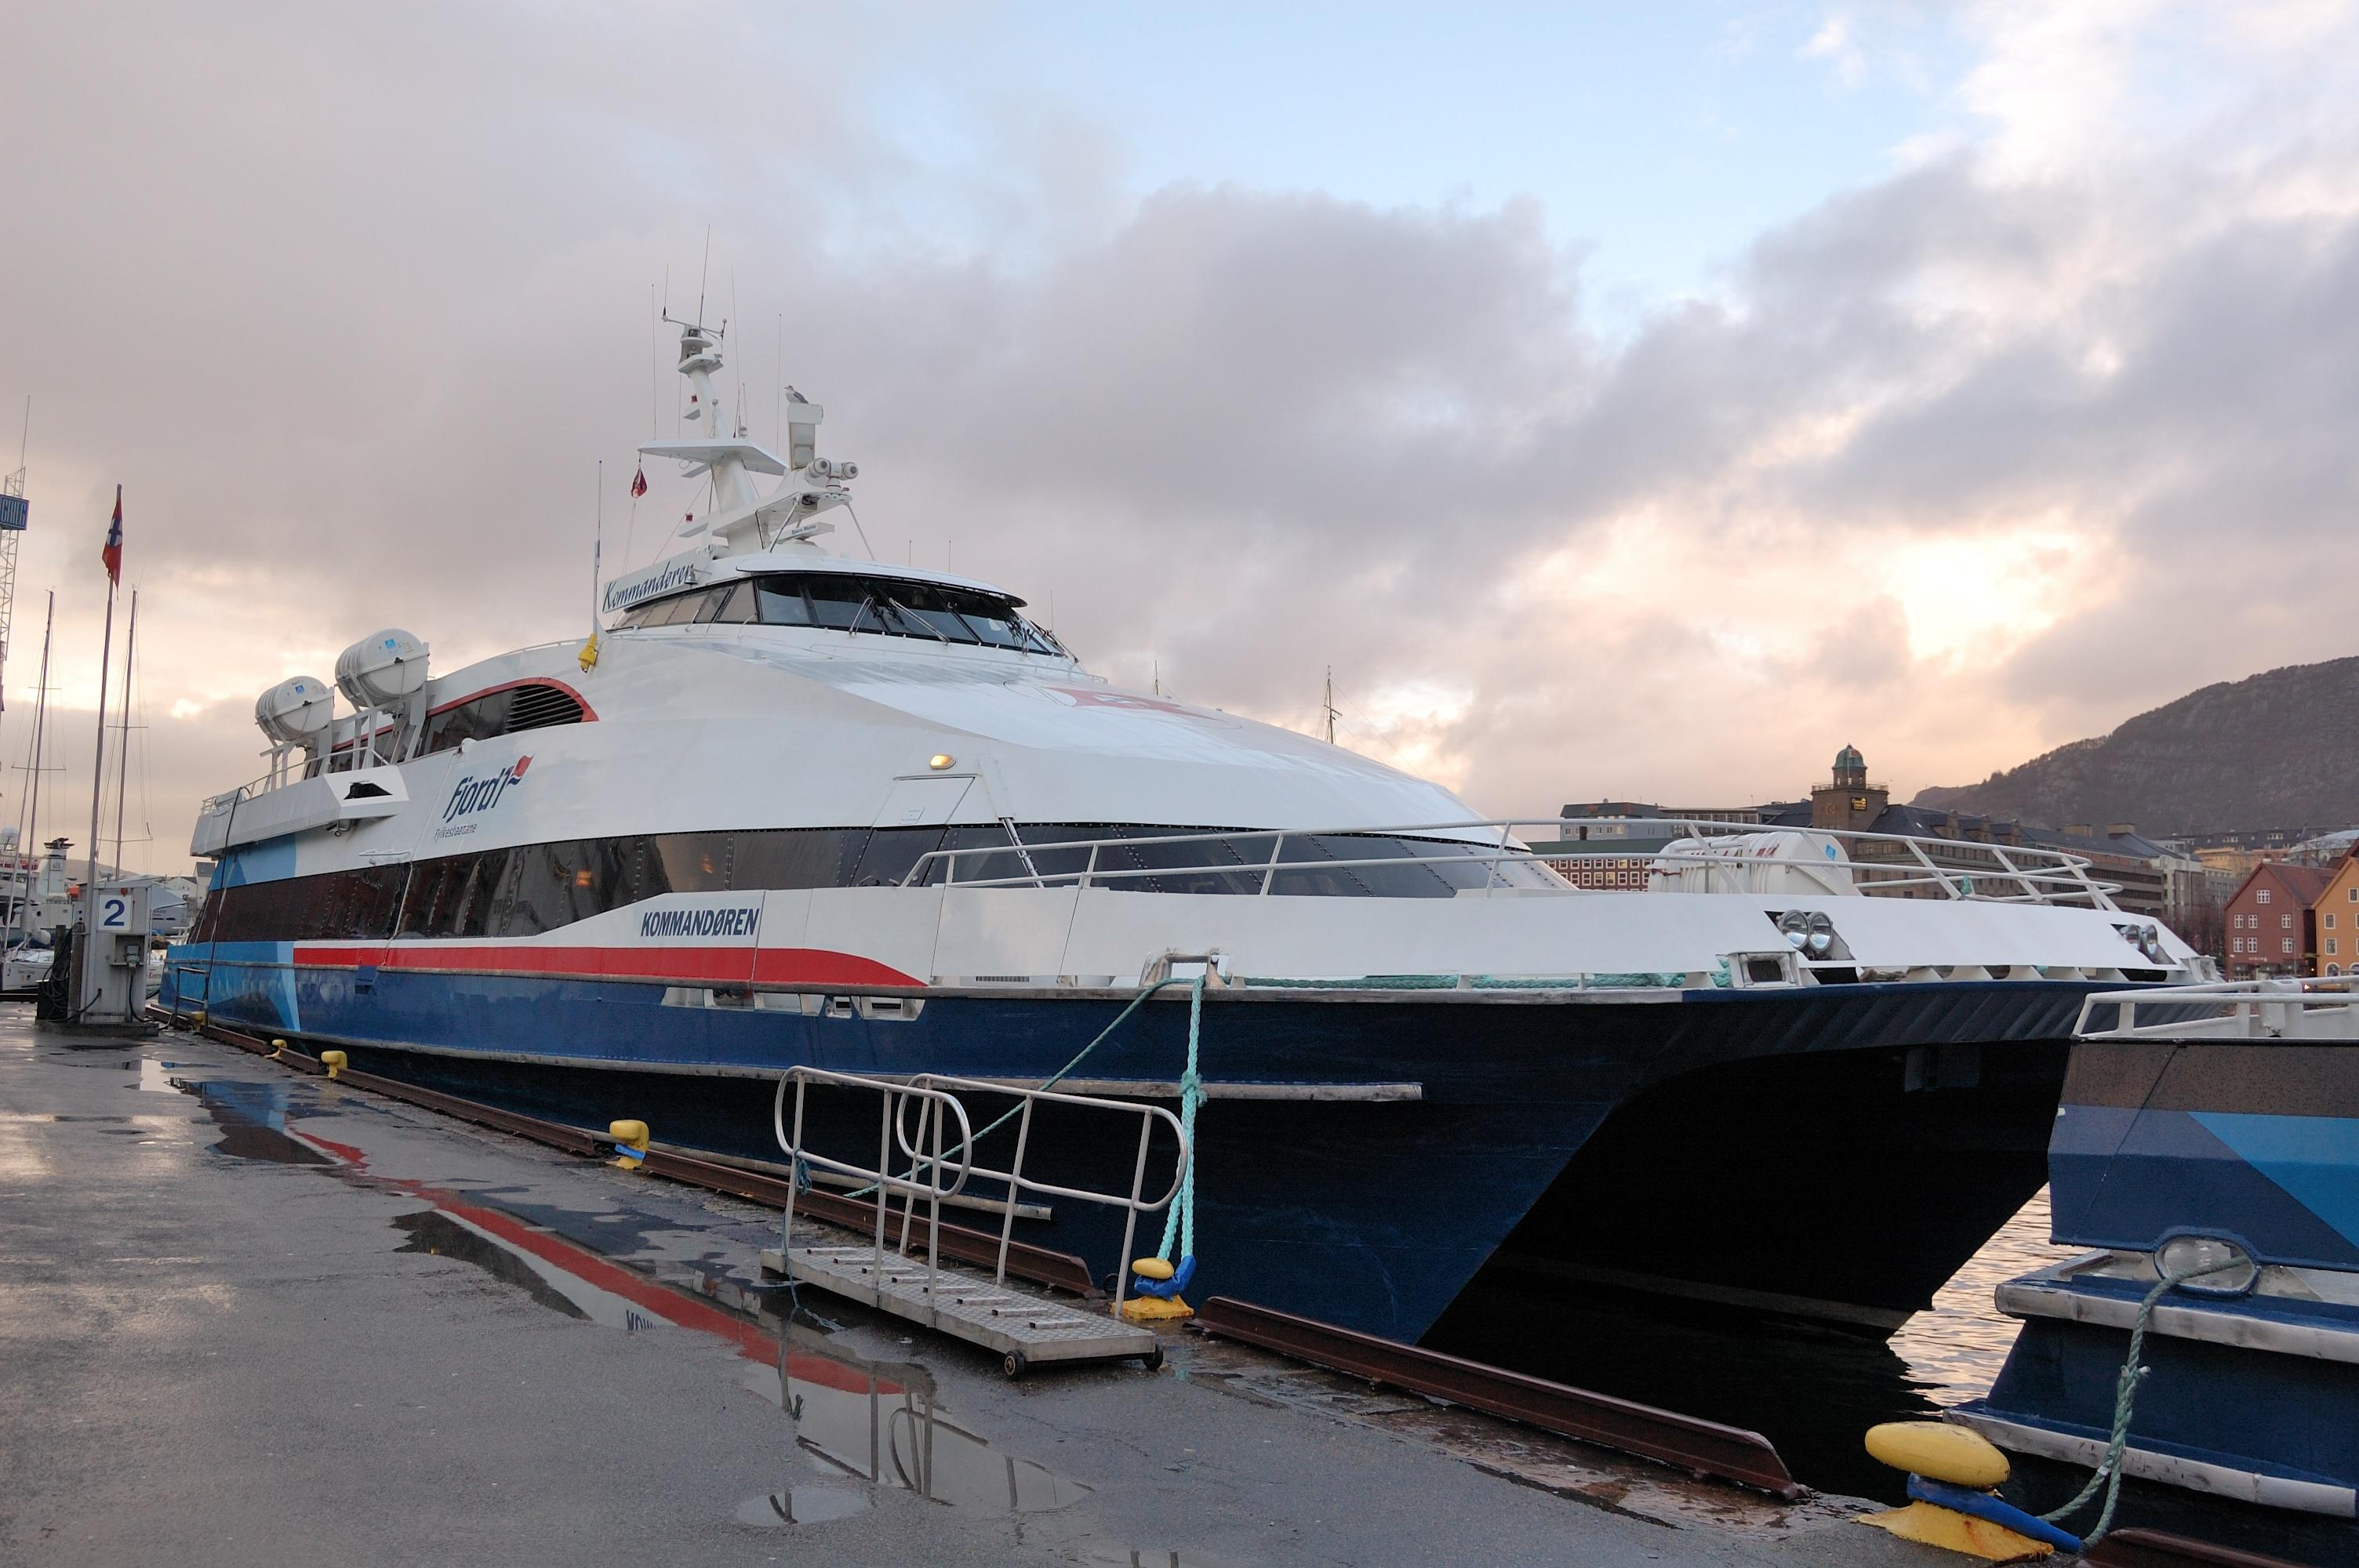 M/S Kommandøren var ein av dei siste katamaranane som Fylkesbaatane hadde i snøggbåtruta Bergen-Nordfjord fram til dei tapte anbodet i 2010.